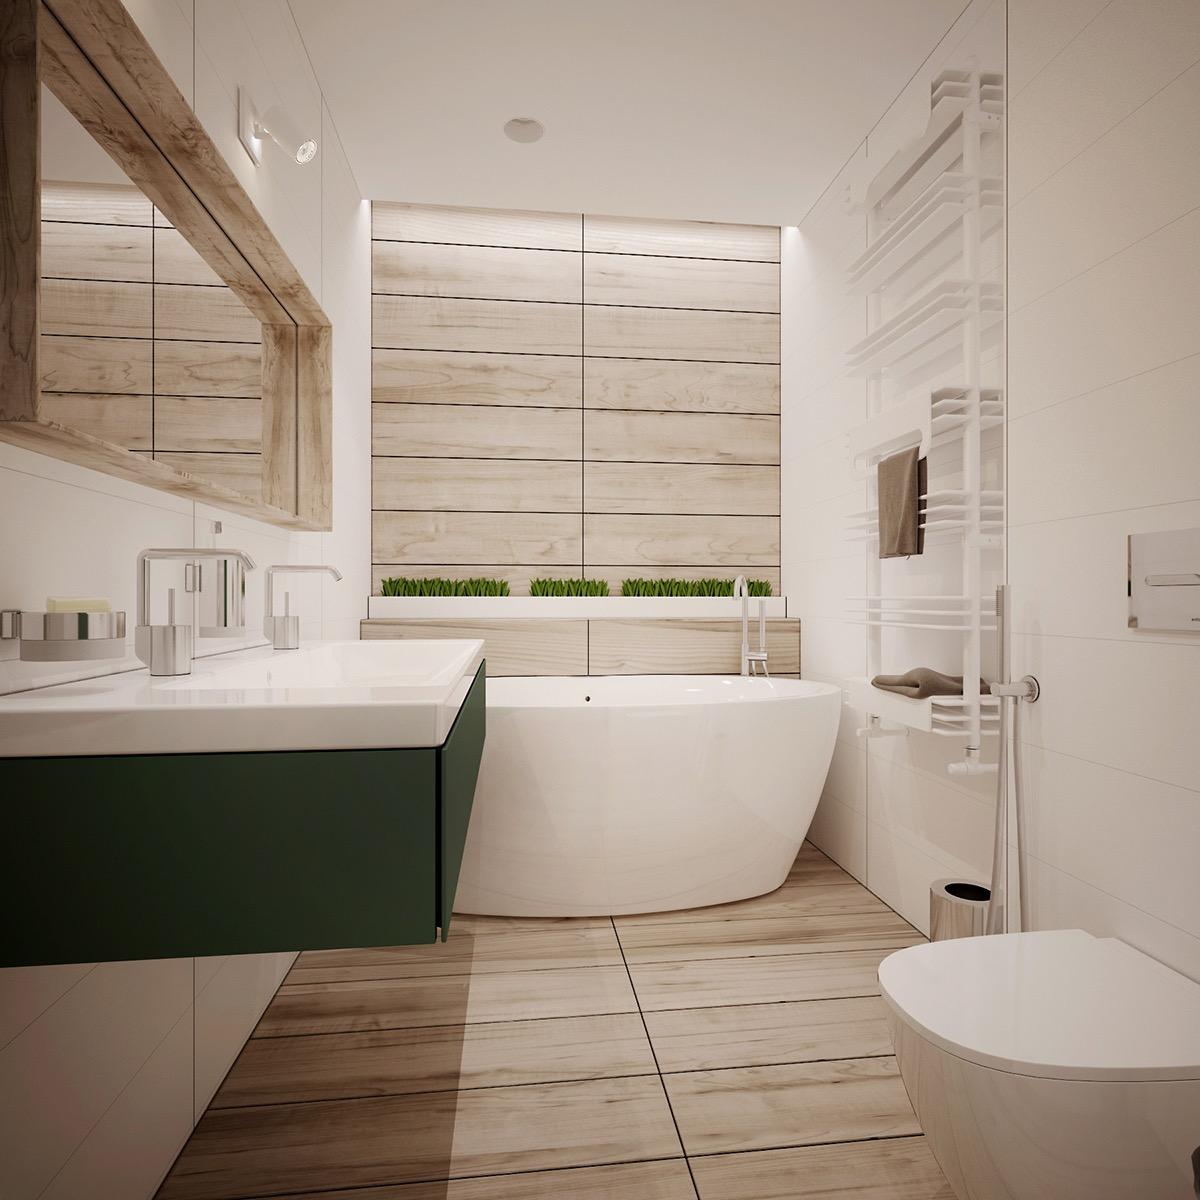 bathroom vanity table images small zen bathroom design ideas zen zen bathroom design